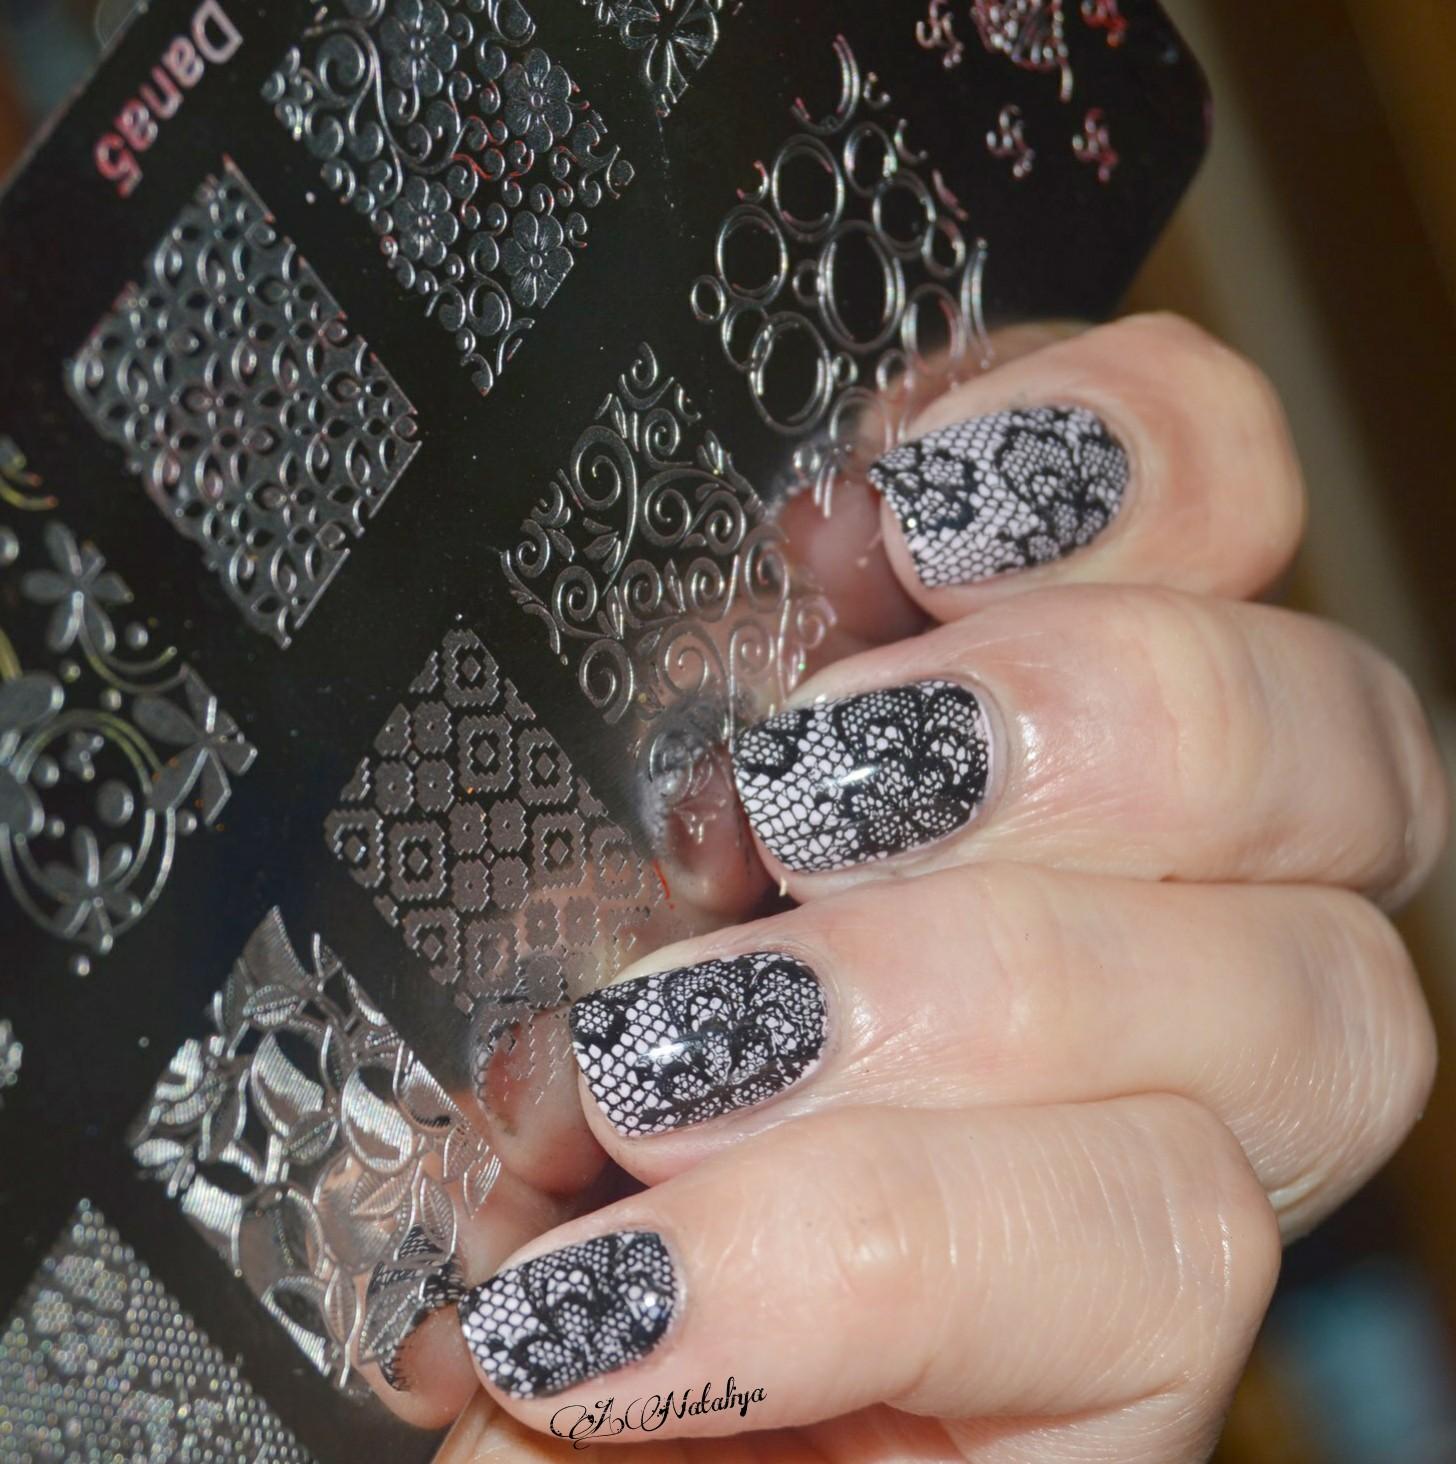 ажурные рисунки на ногтях фото